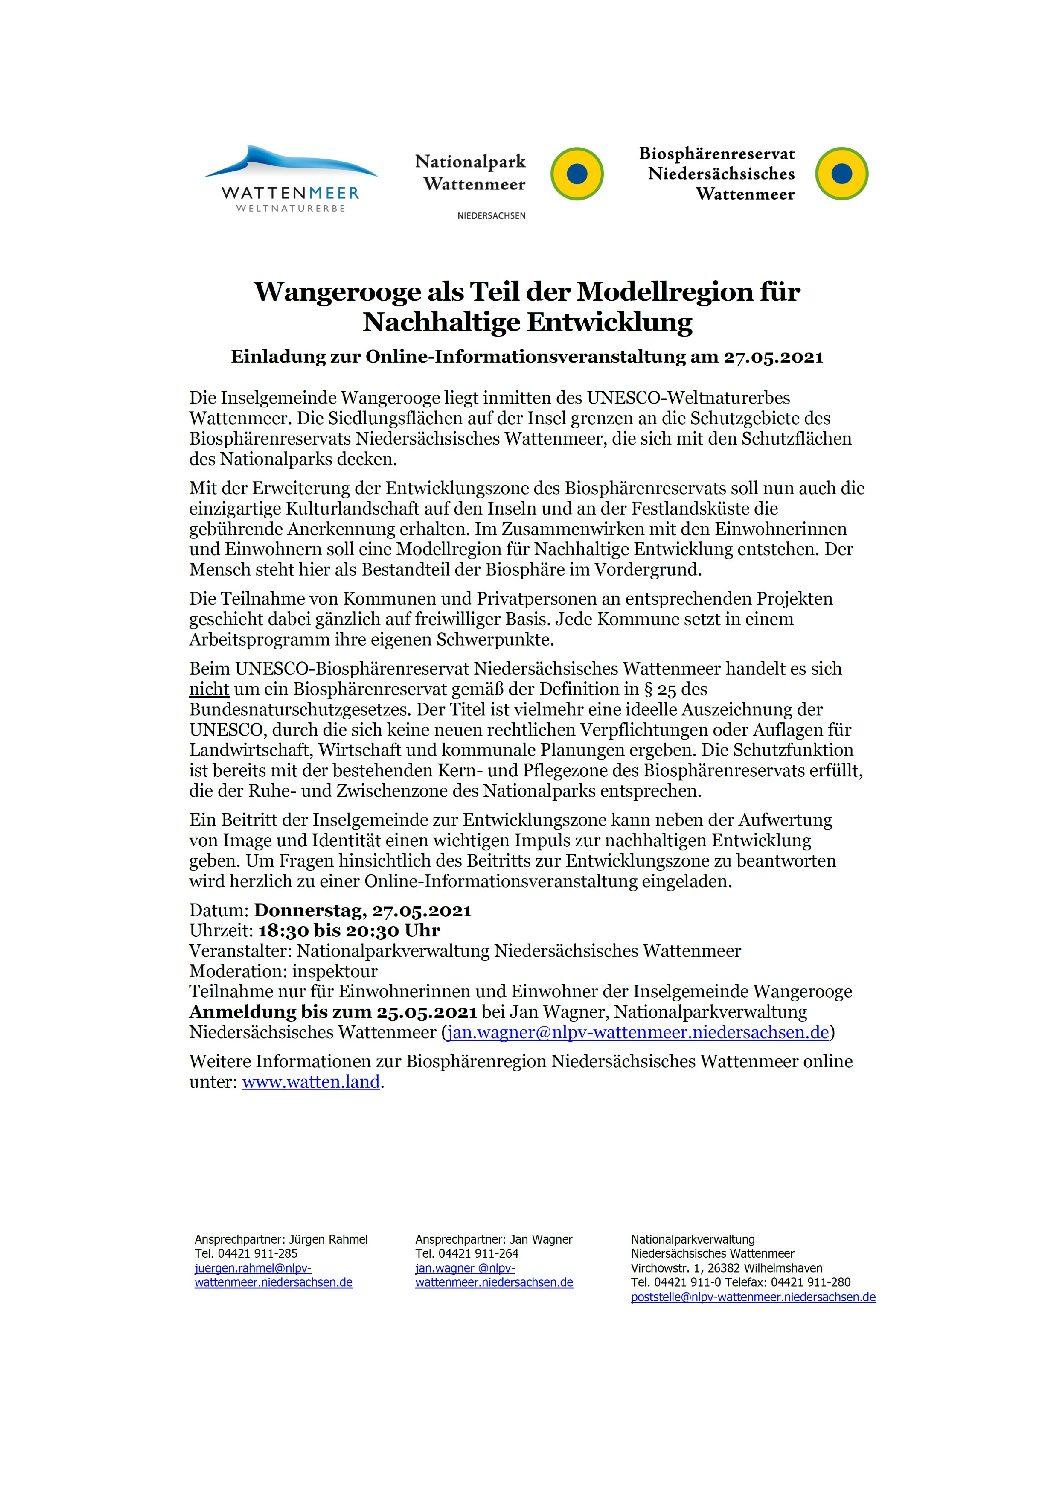 12.05.2021 Wangerooge als Teil der Modellregion für Nachhaltige Entwicklung  Einladung zur Online-Informationsveranstaltung am 27.05.2021